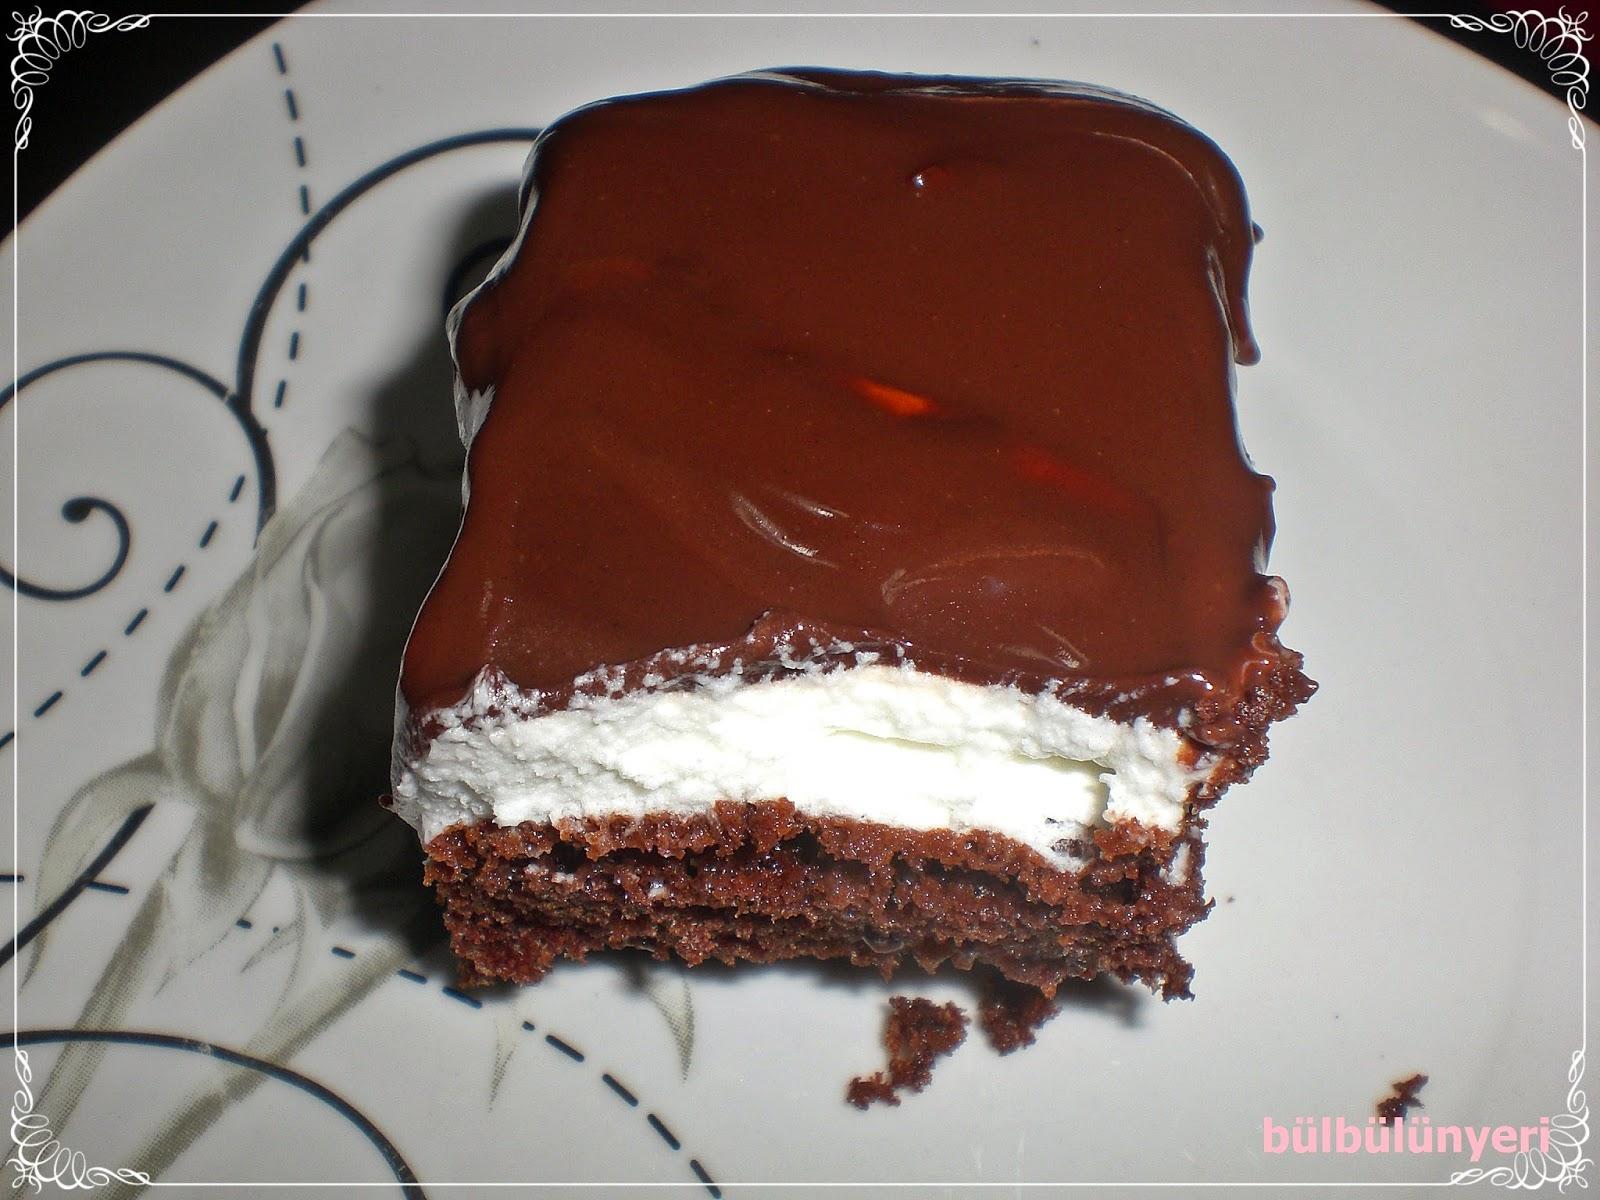 Mutluluktan Ağlayan Kek (Pasta)